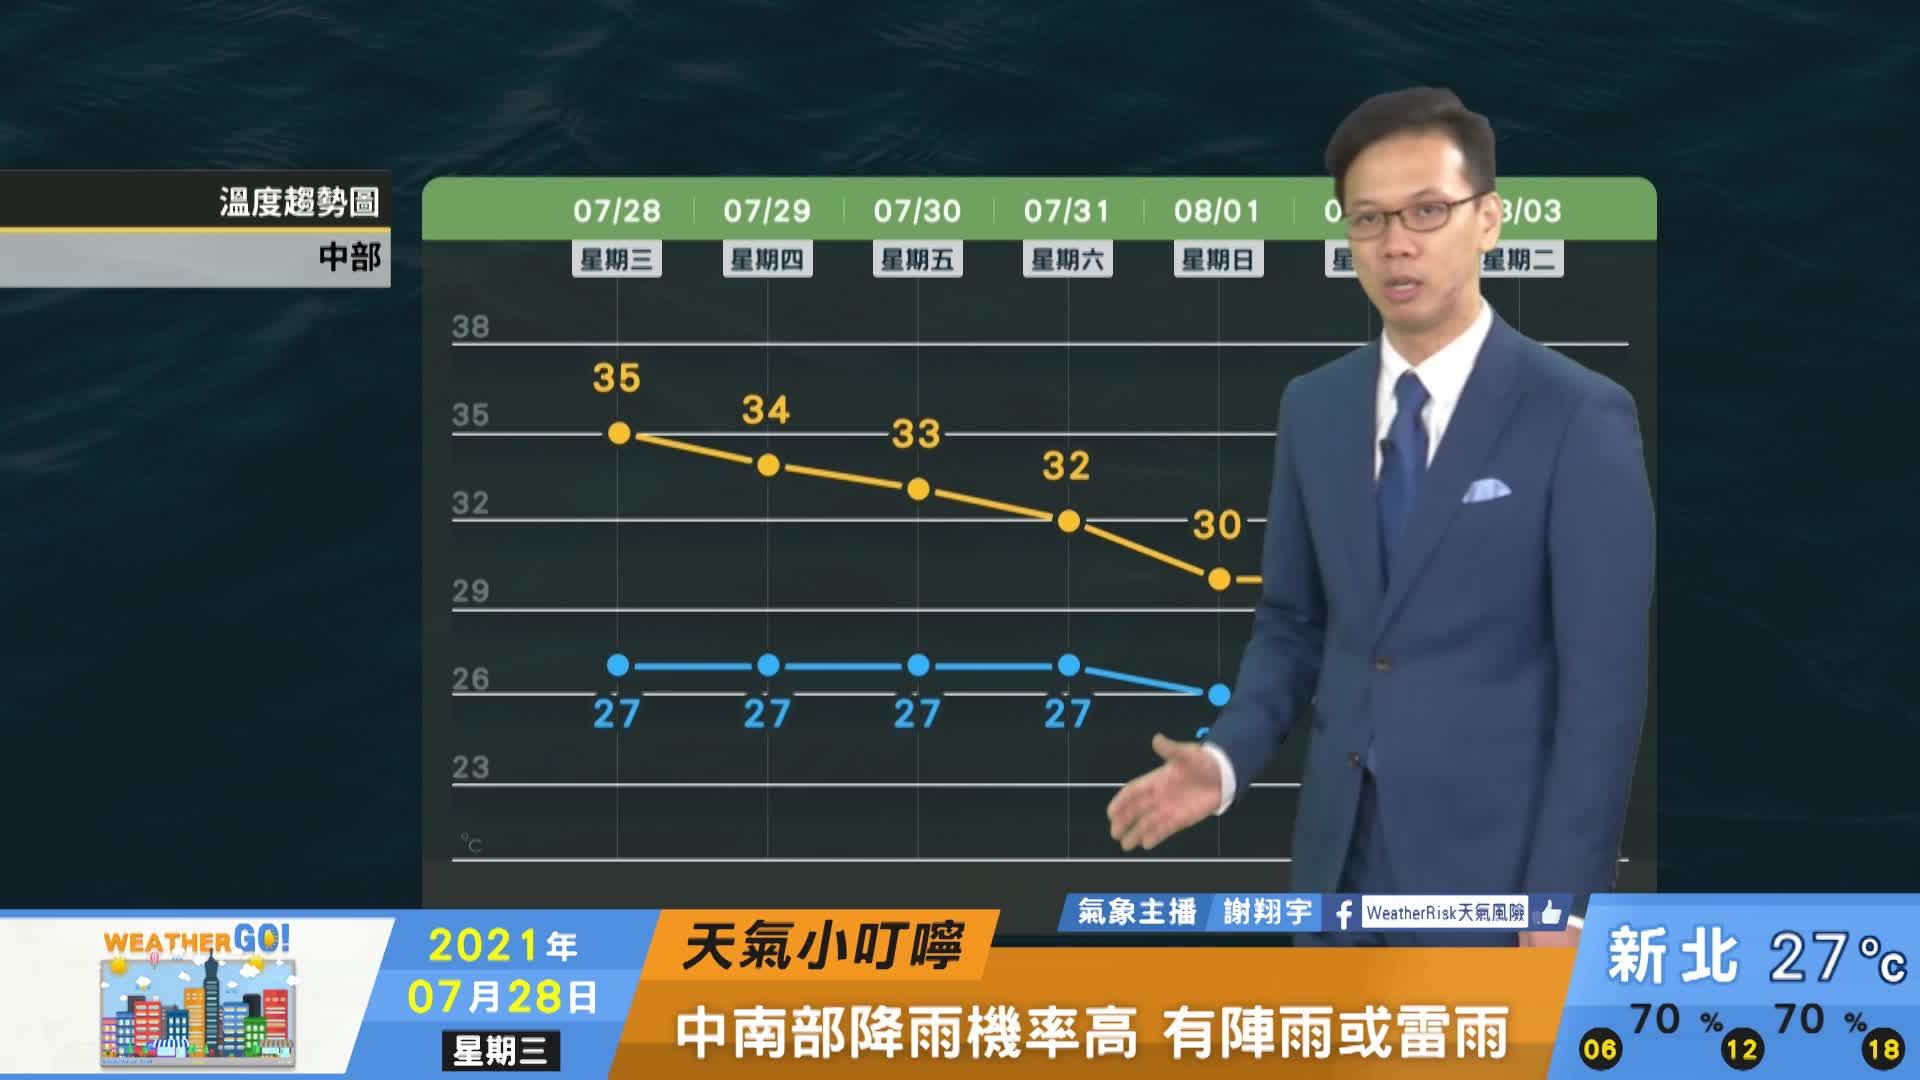 一分鐘報天氣 /週四(07/29日) 持續午後雷雨天氣 週末中南部留意較大雨勢